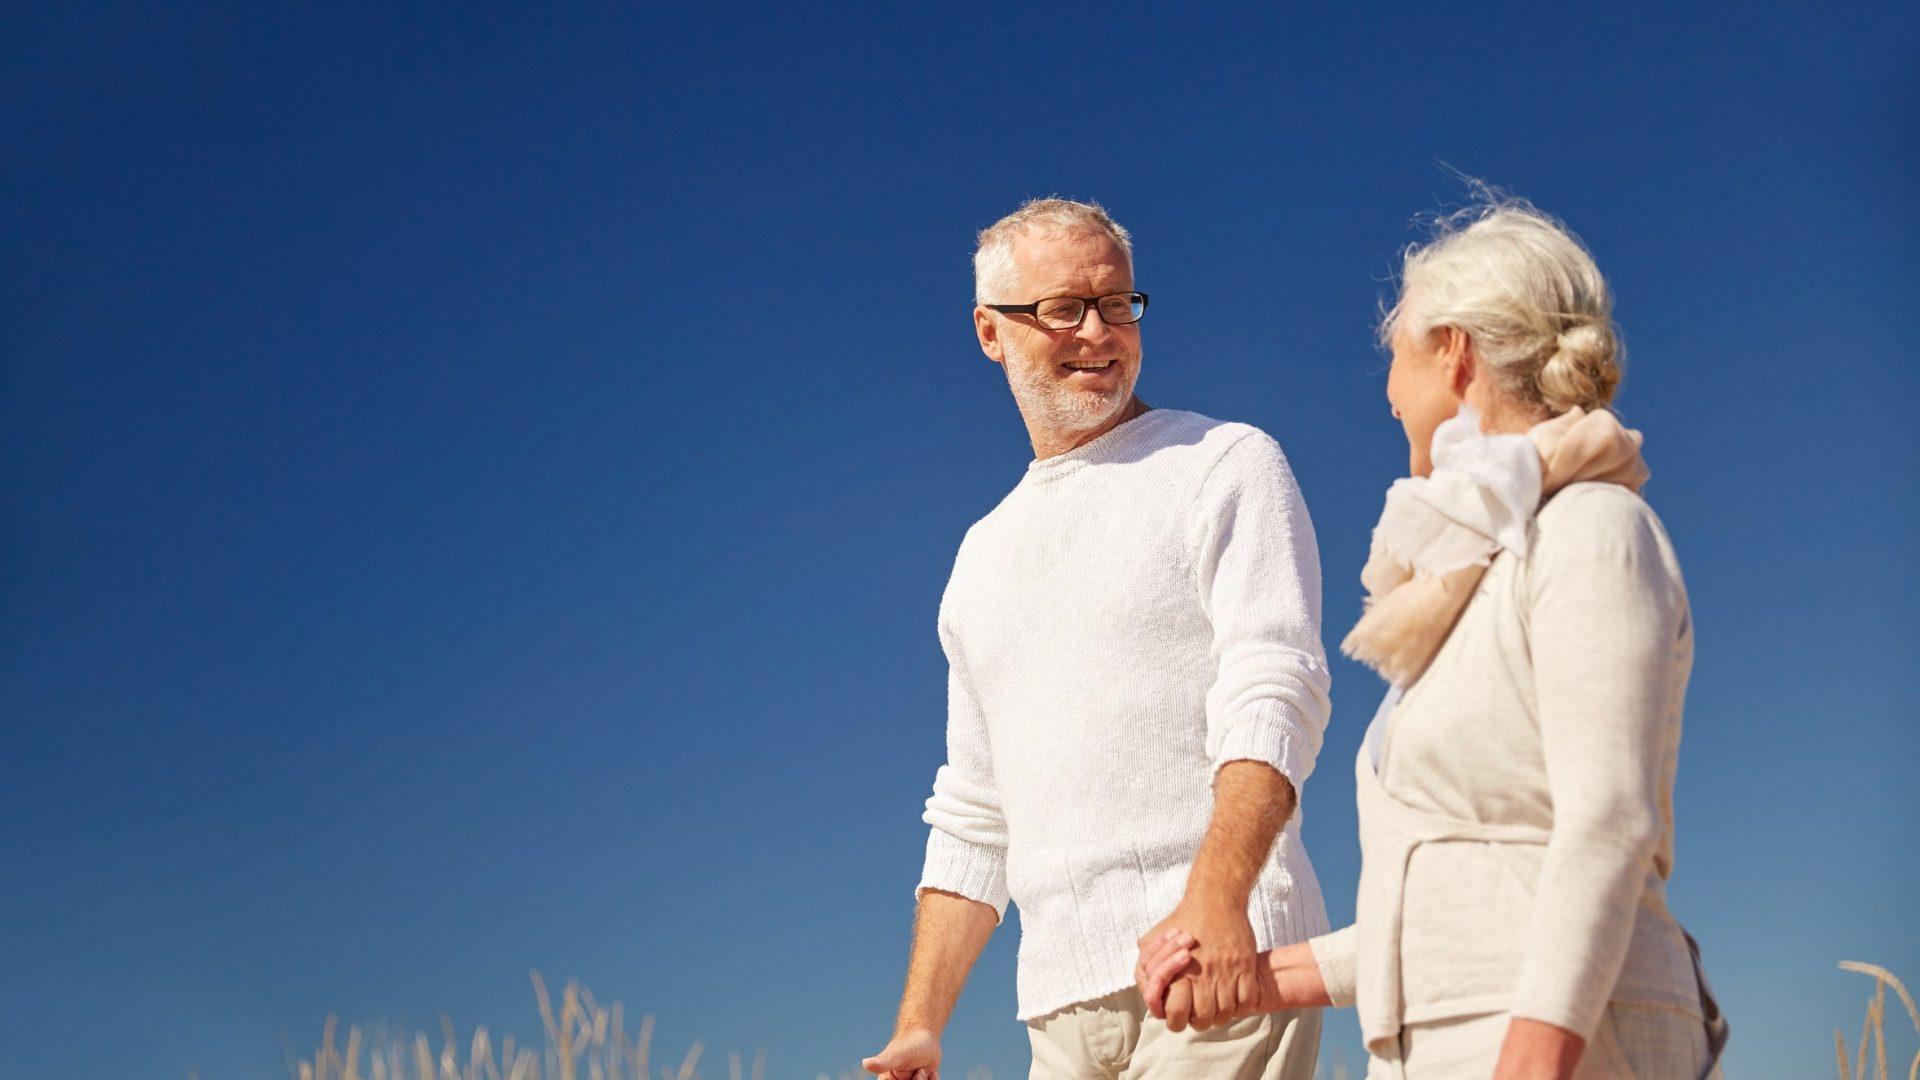 FUNECAP GROUPE parallaxe seniors